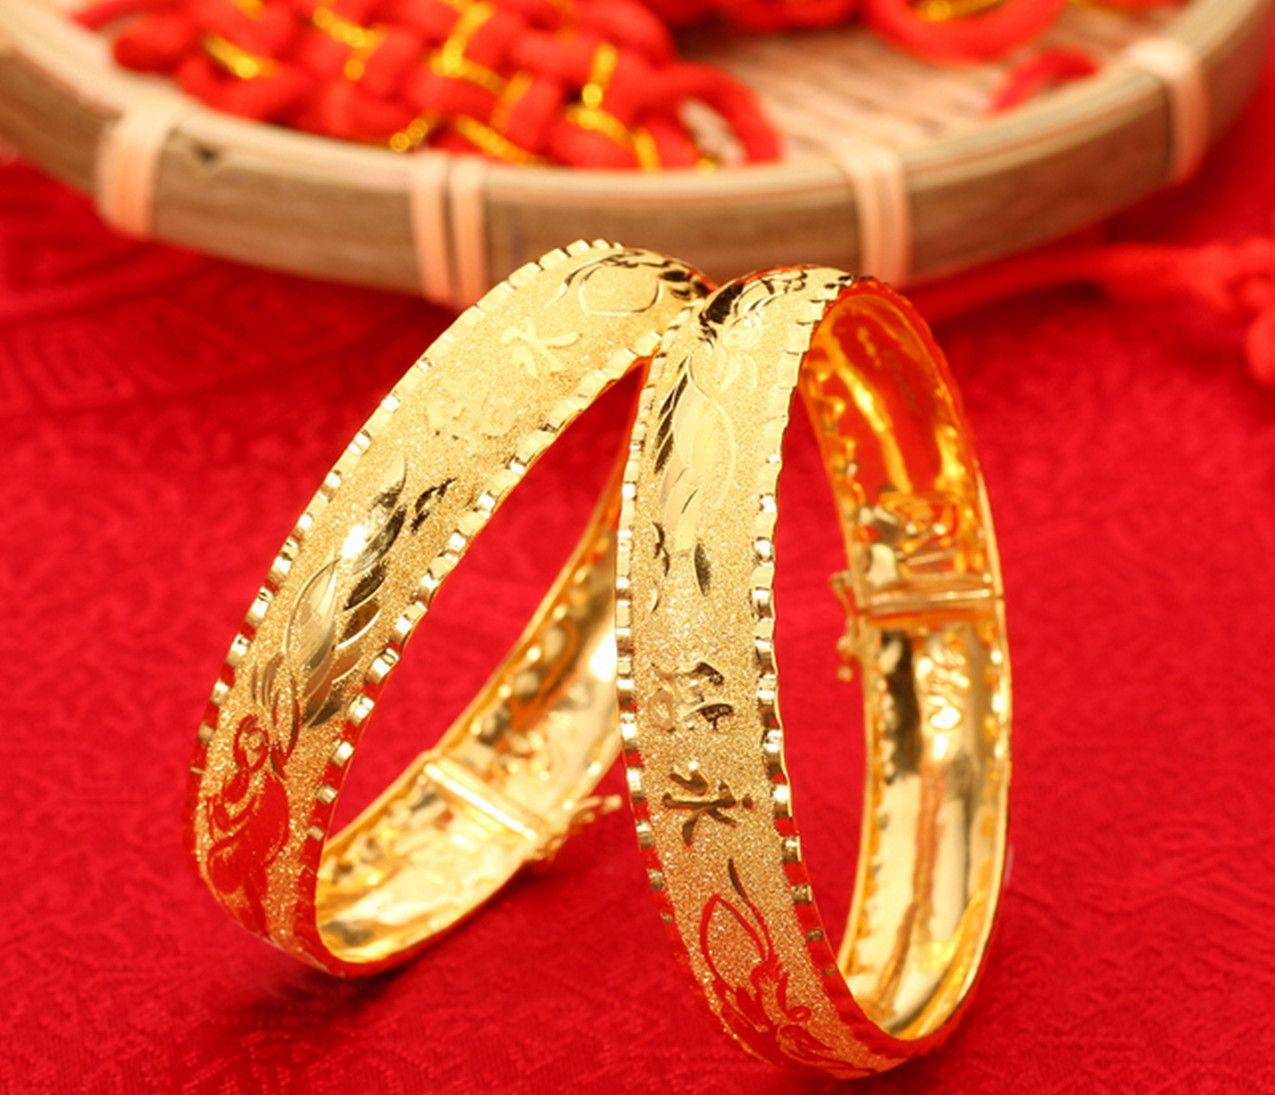 结婚首饰知多少,结婚一定要佩戴三金吗?